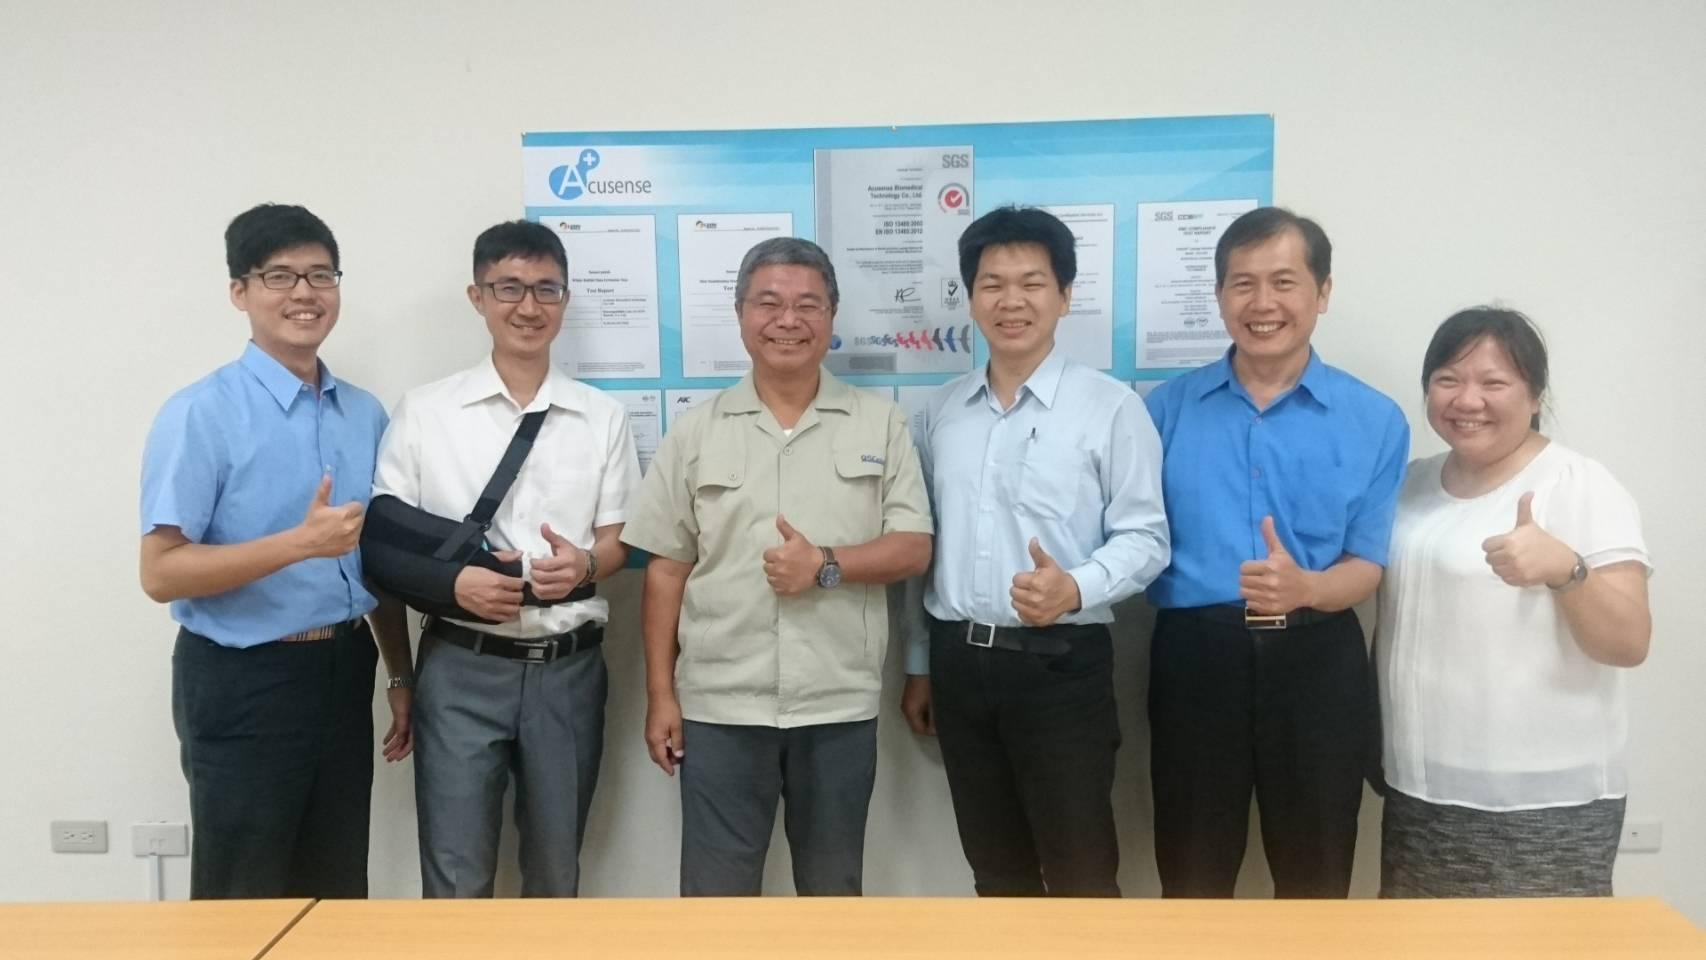 翔安公司與杏合生醫合作關係建立